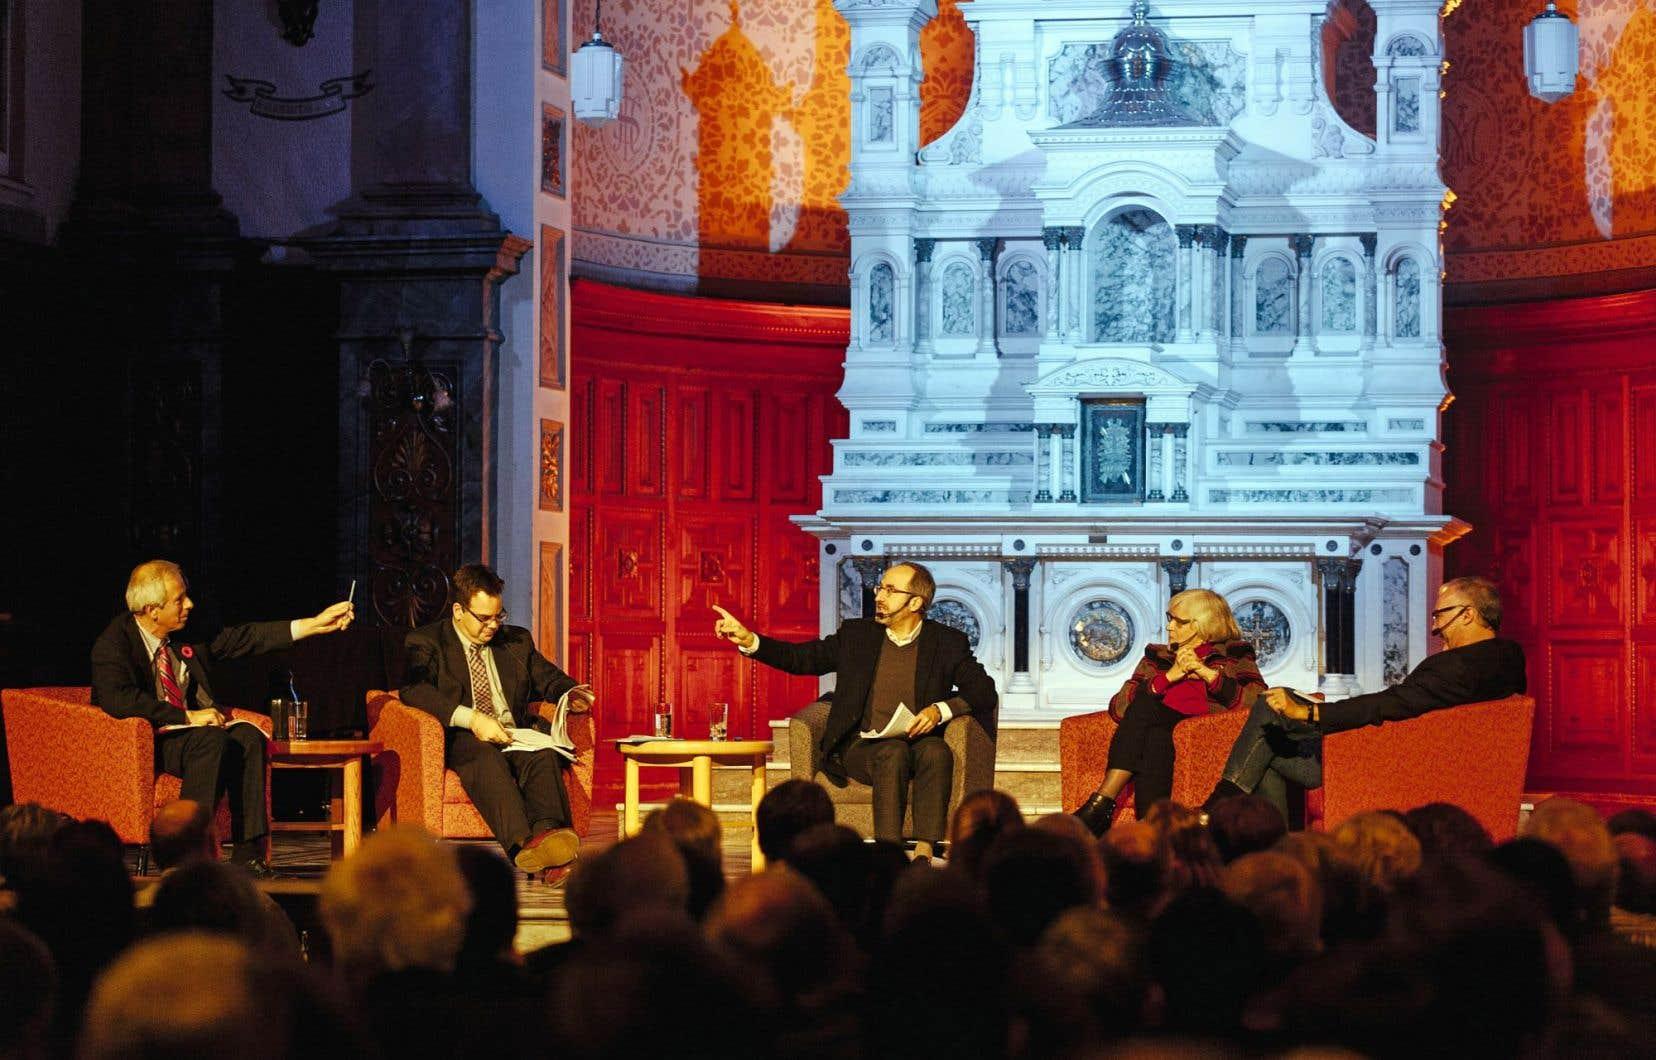 L'éditorialiste Antoine Robitaille (au centre) animait le débat entre Stéphane Dion, Patrick Taillon, Marie Bernard-Meunier et Joseph Facal, qui s'interrogeaient sur la pertinence de l'indépendance.